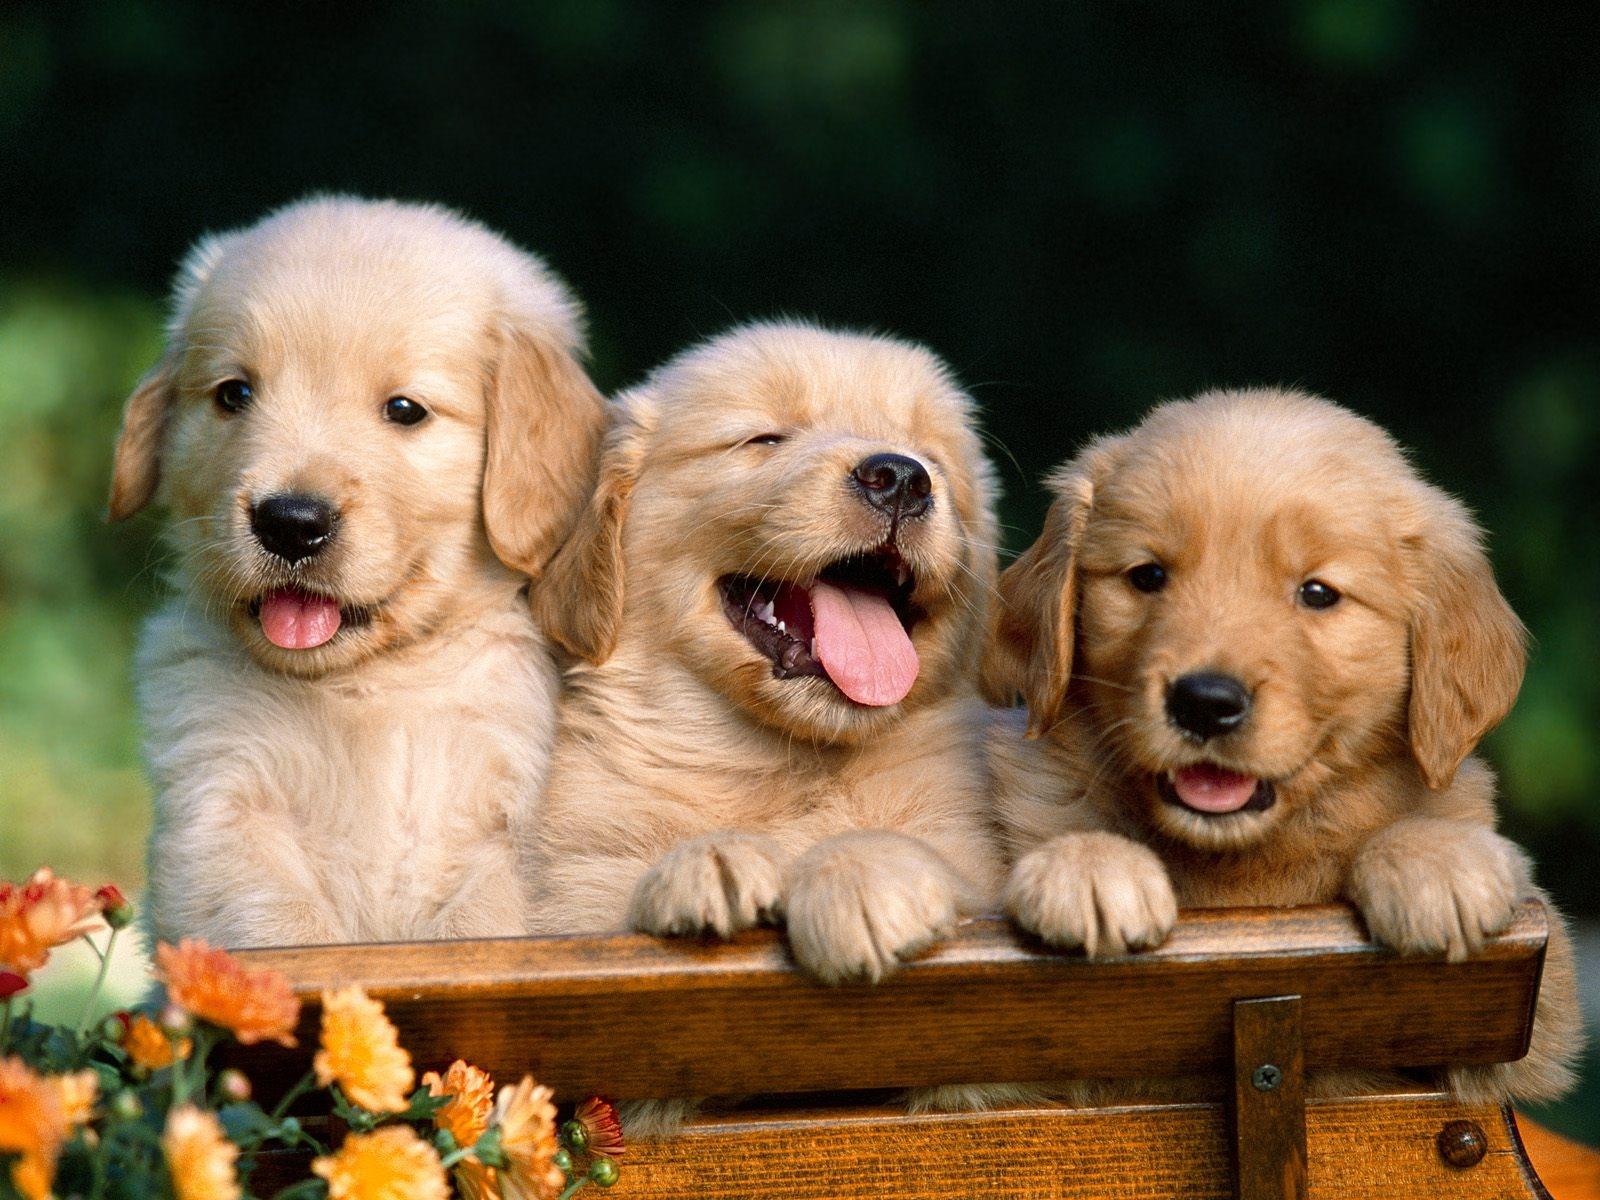 Cute Golden Retriever Puppies Wallpapercercueilscarton 1600x1200